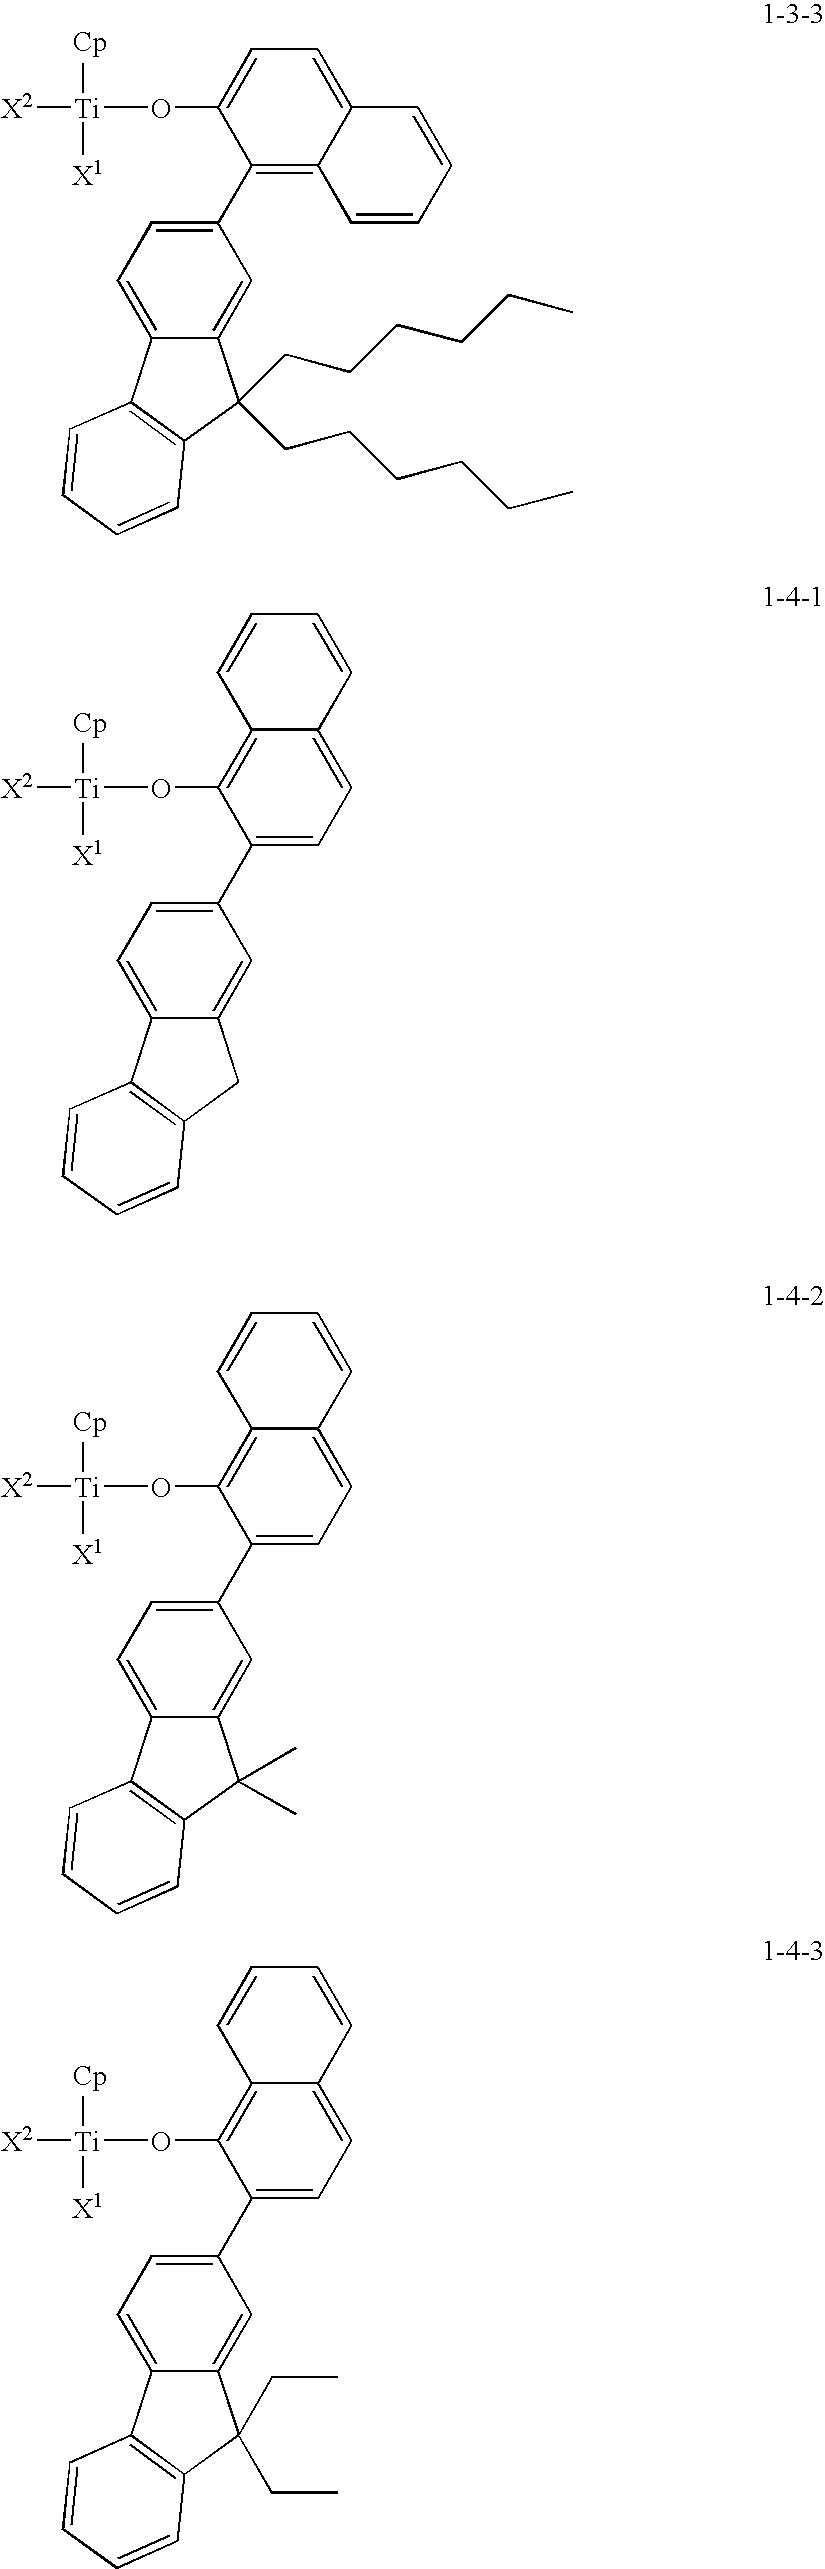 Figure US20100081776A1-20100401-C00019